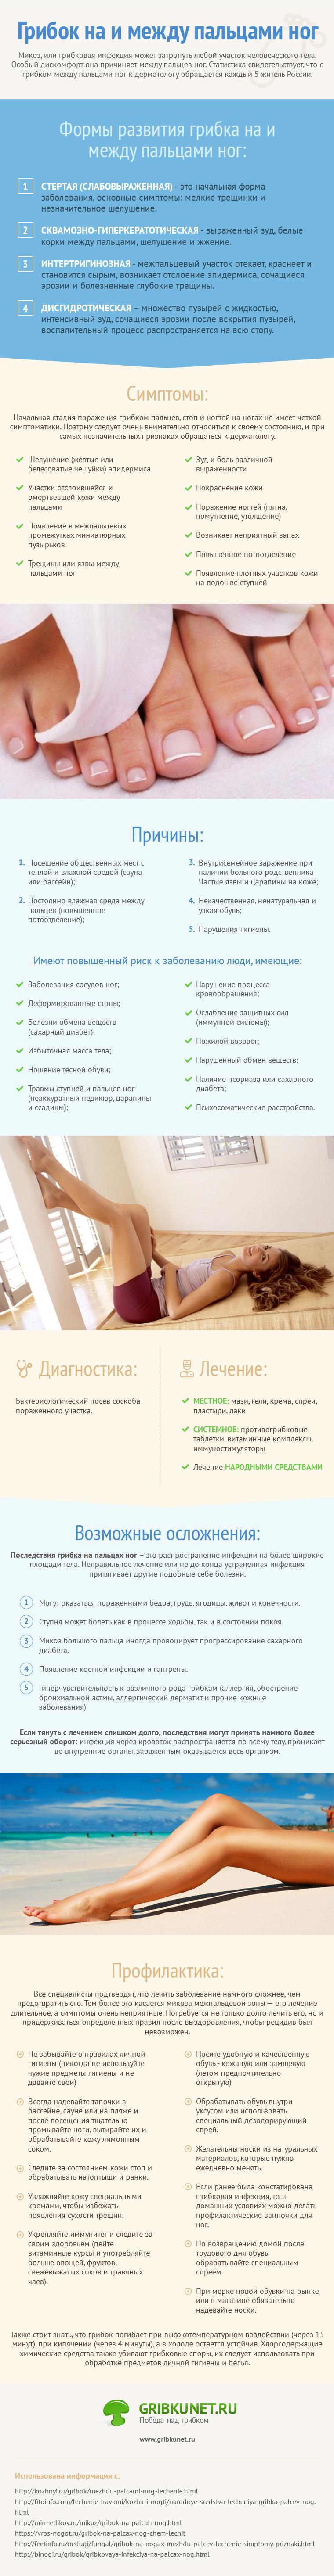 Инфографика - Лечение грибка на и между пальцами ног